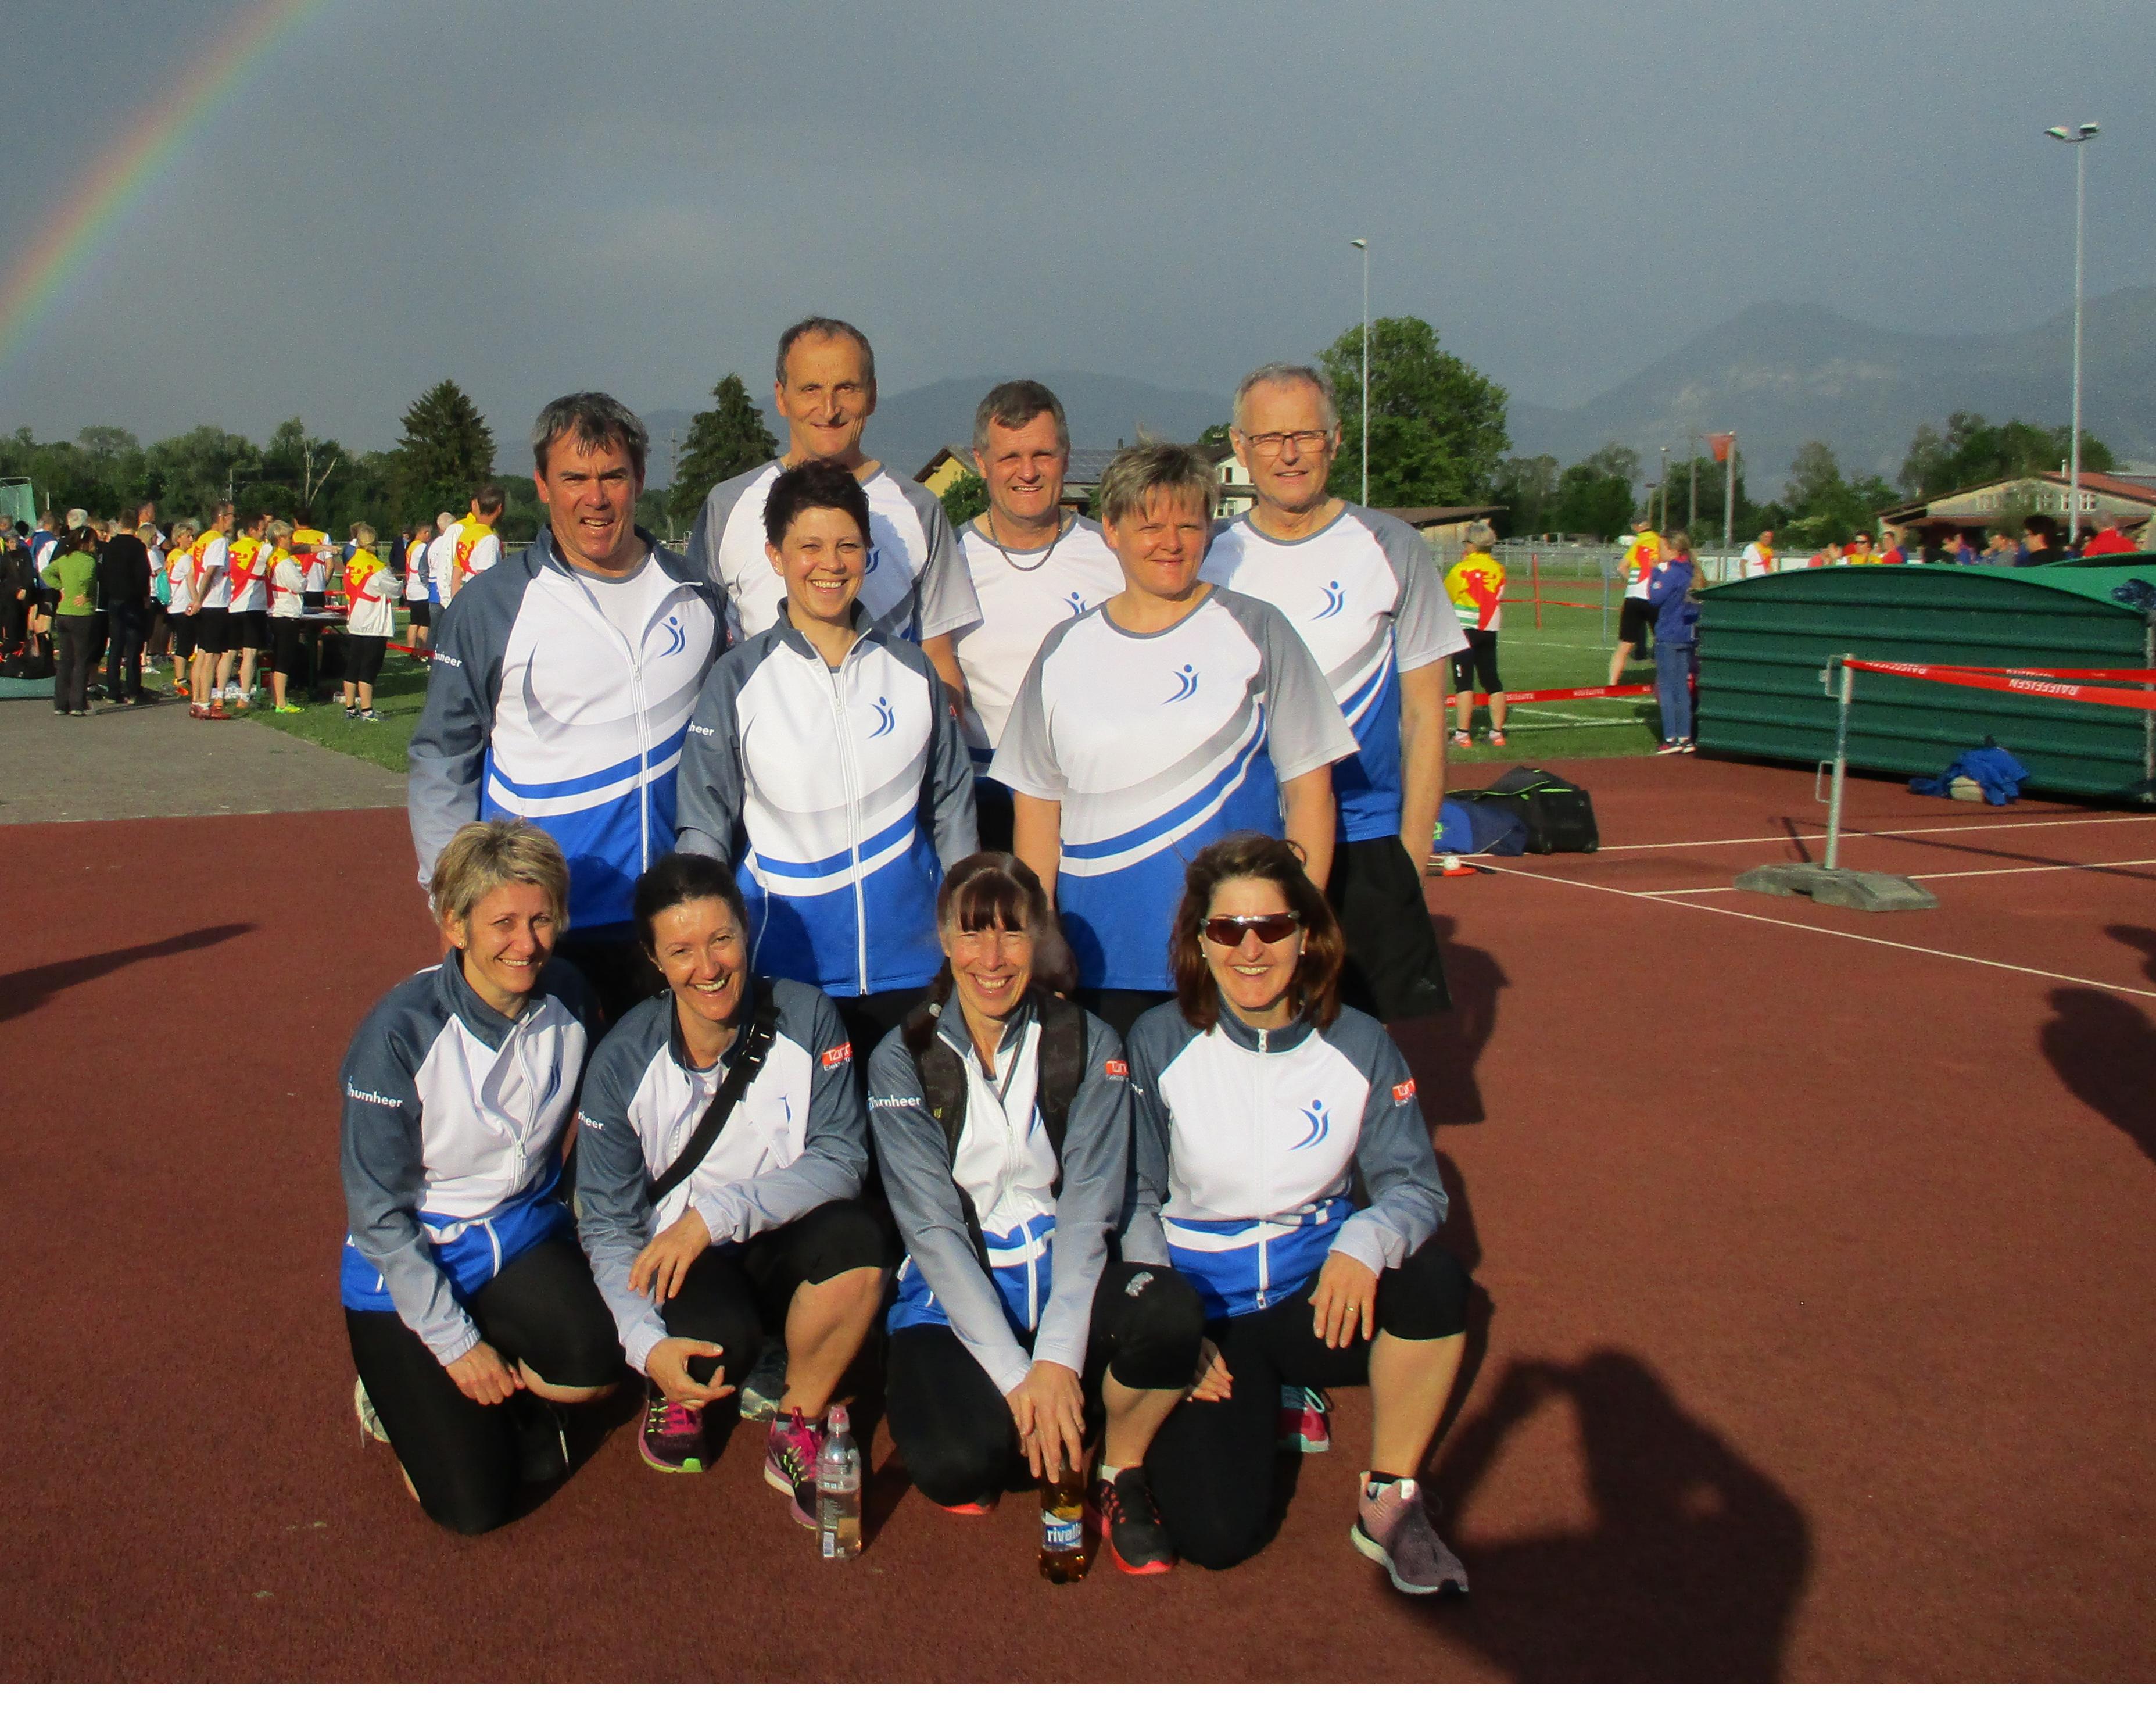 Rheintalische Fit&Fun Meisterschaften in Balgach